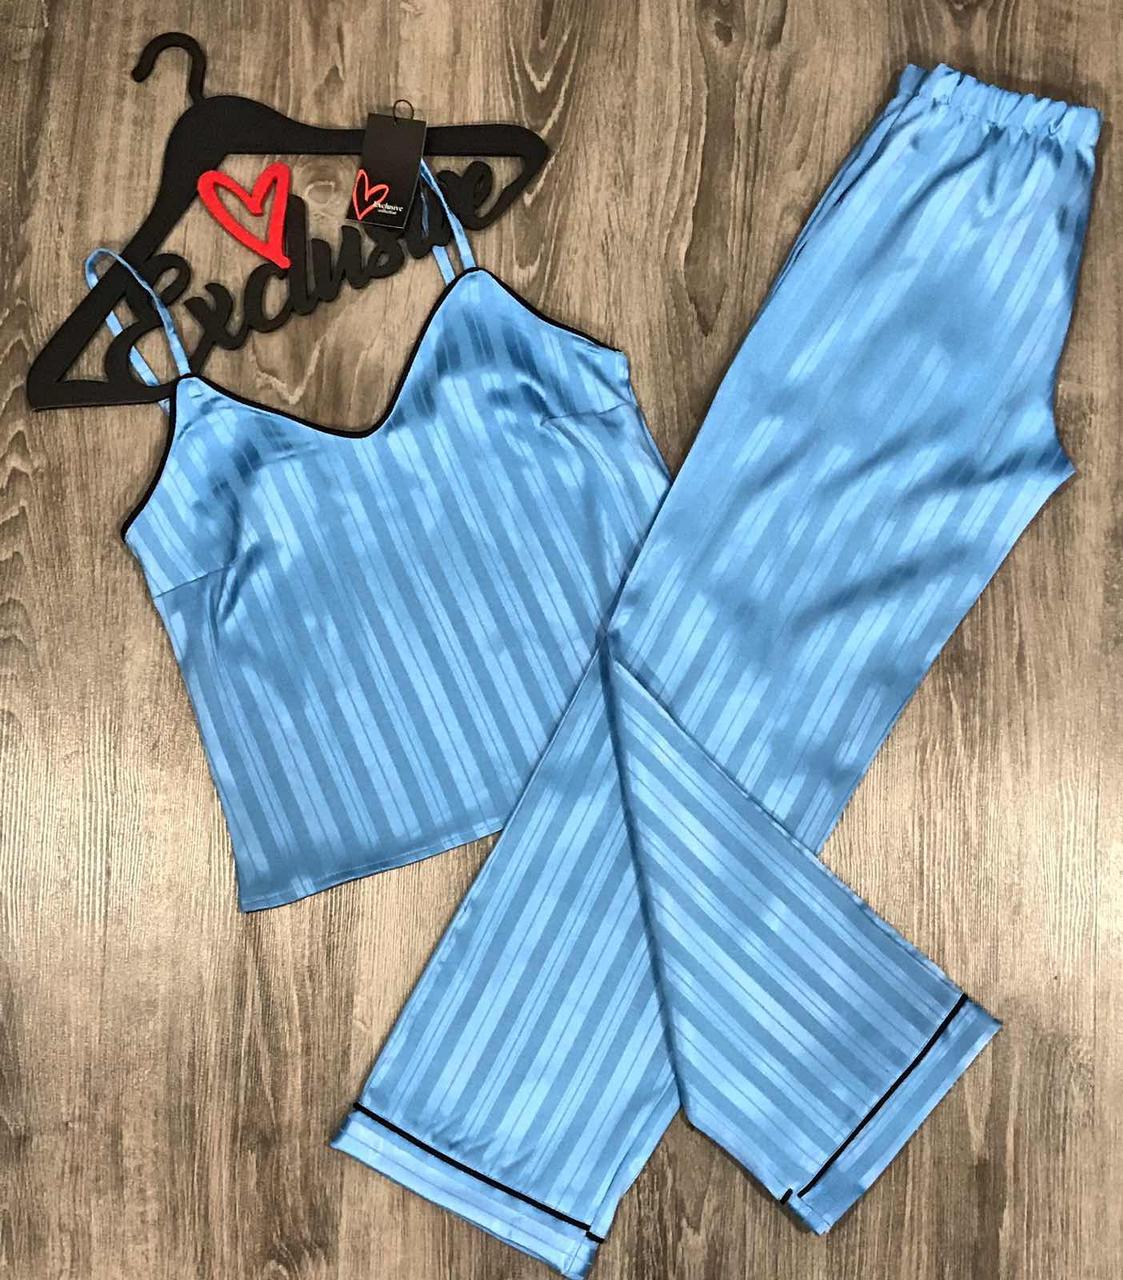 Голубая пижама с штанами в полосочку 079.